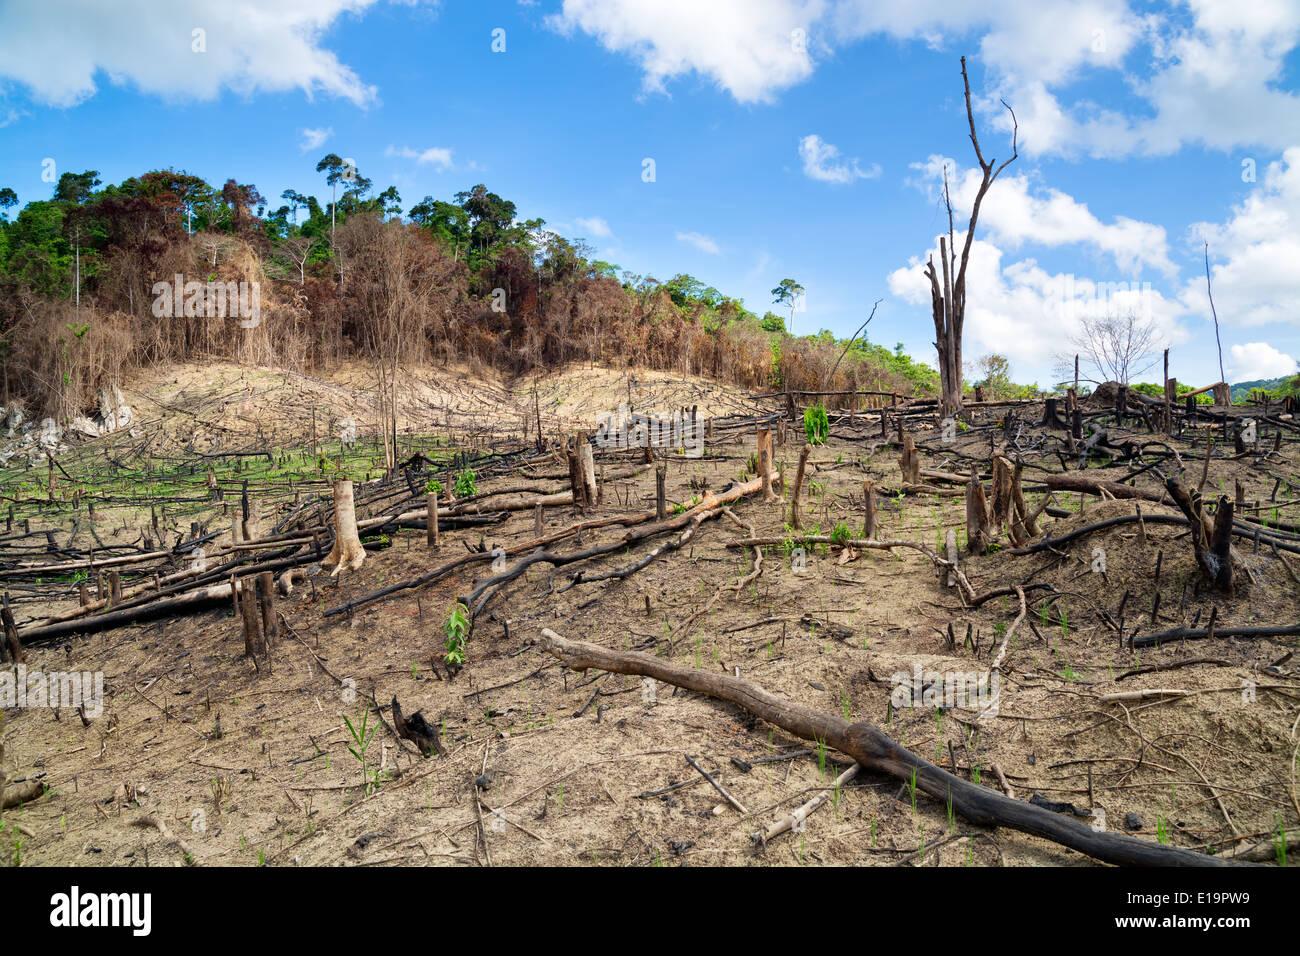 La deforestación en el Nido, Palawan - Filipinas Imagen De Stock